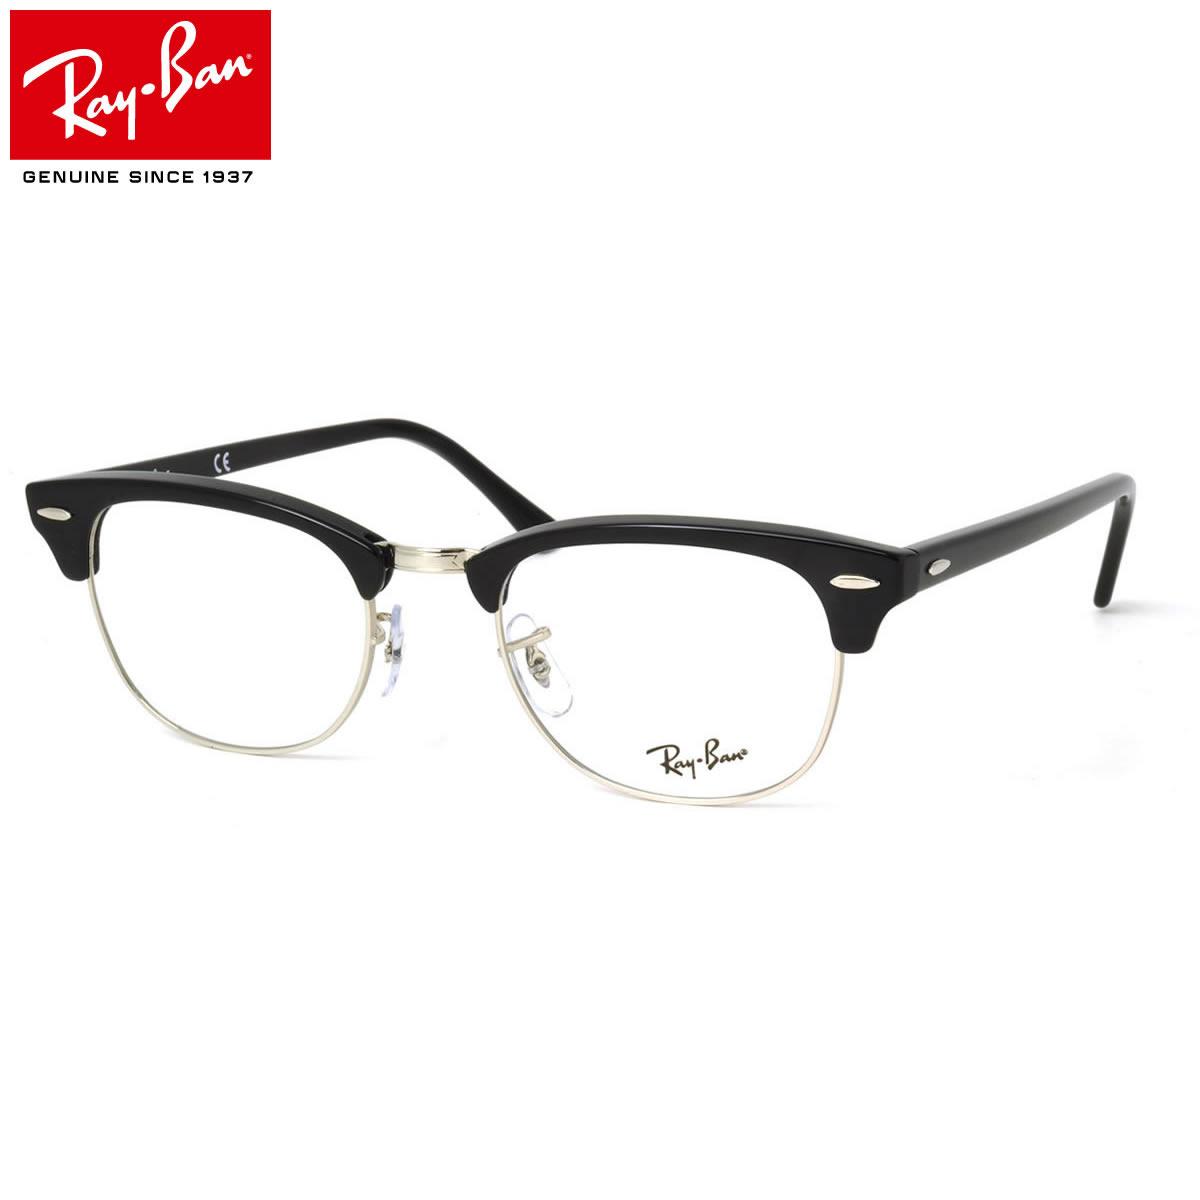 ほぼ全品ポイント15倍~最大34倍! レイバン クラブマスター メガネ フレーム Ray-Ban RX5154 2000 49サイズ 伊達メガネ フレーム 度付き レイバン RAYBAN CLUB MASTER メンズ レディース